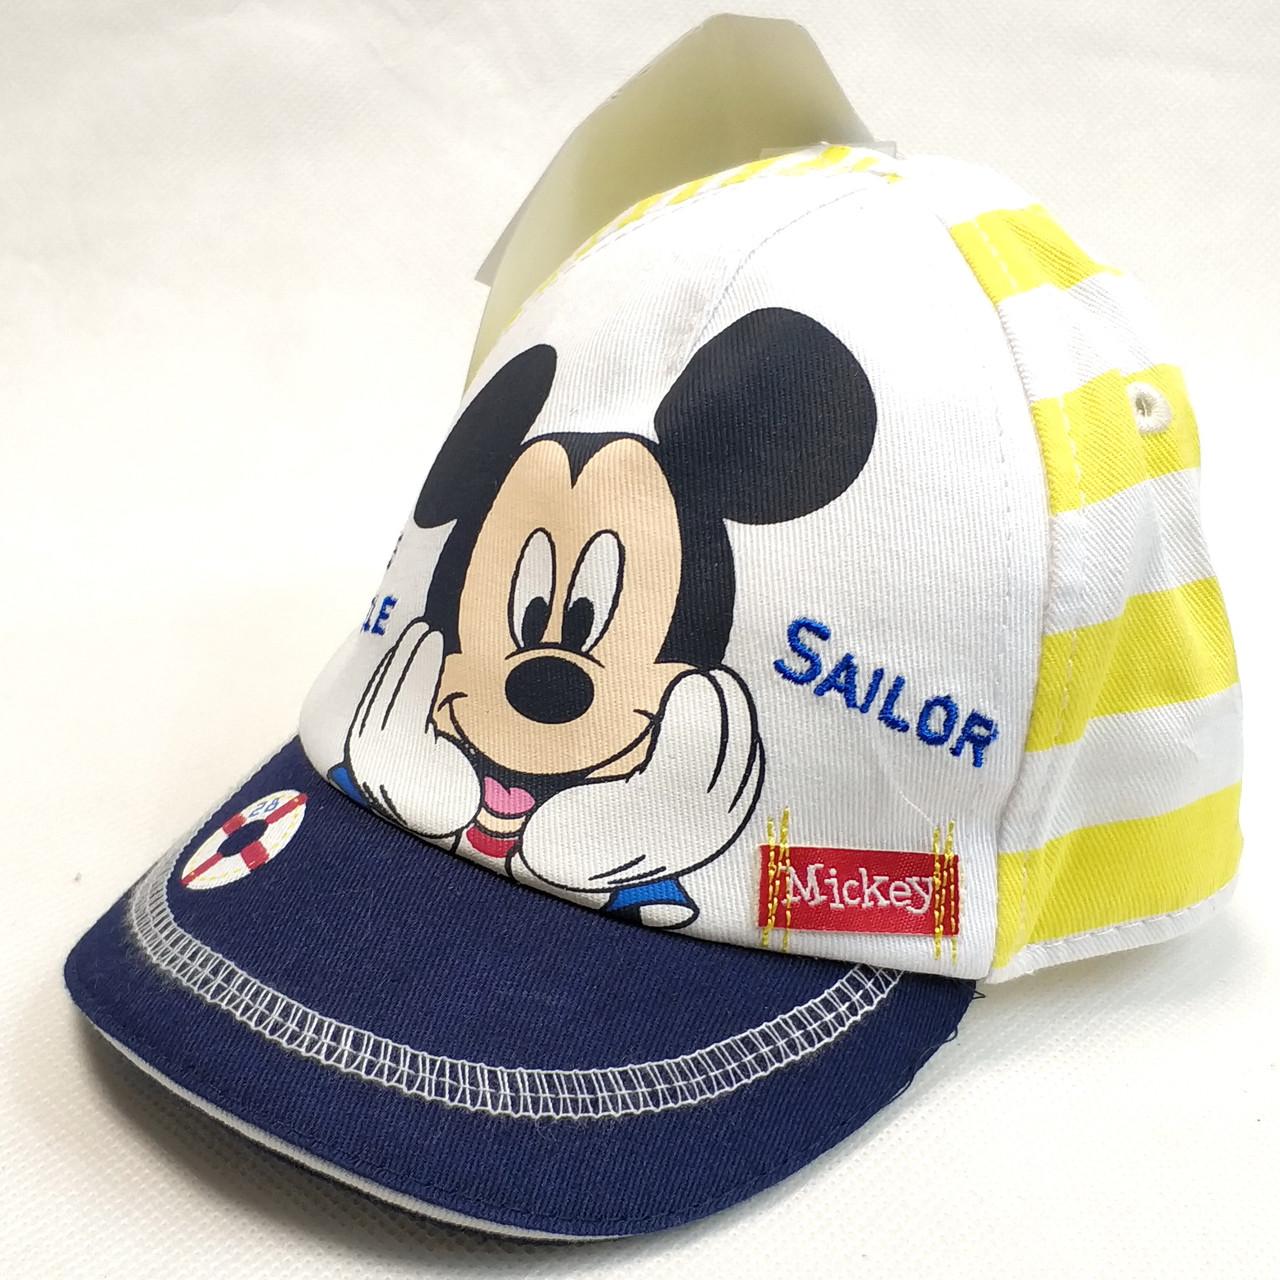 Детская летняя кепка бейсболка для мальчика бренд c&a 6-24 месяцев